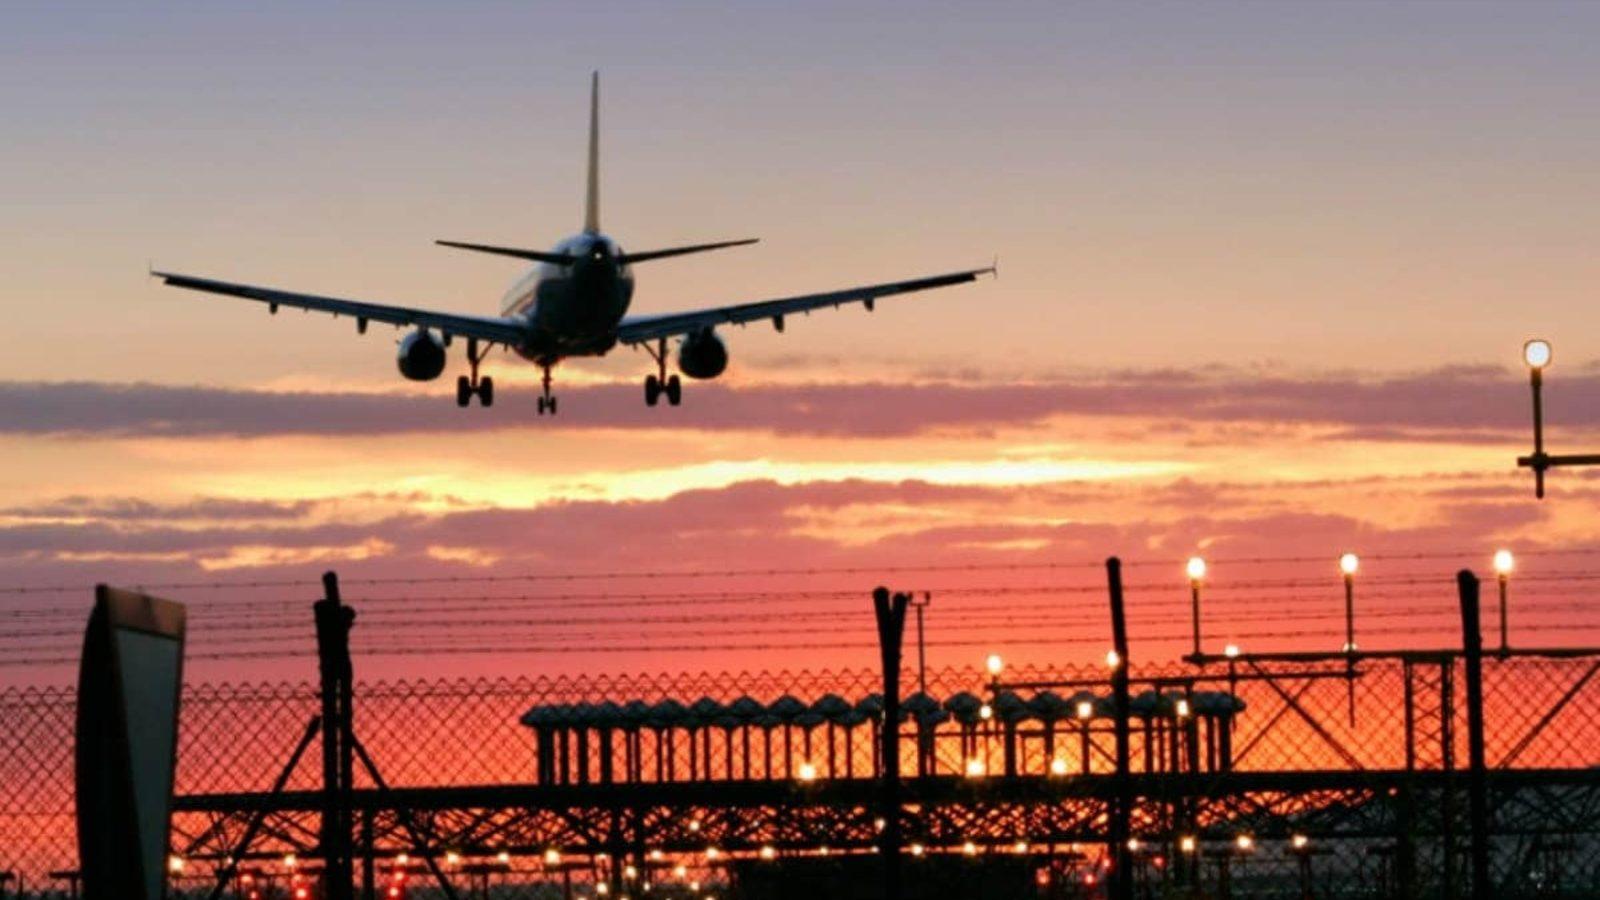 Good News: ग्वालियर एयरपोर्ट पर उतरेंगे A-320 जैसे विमान, ये है ज्योतिरादित्य सिंधिया का ड्रीम